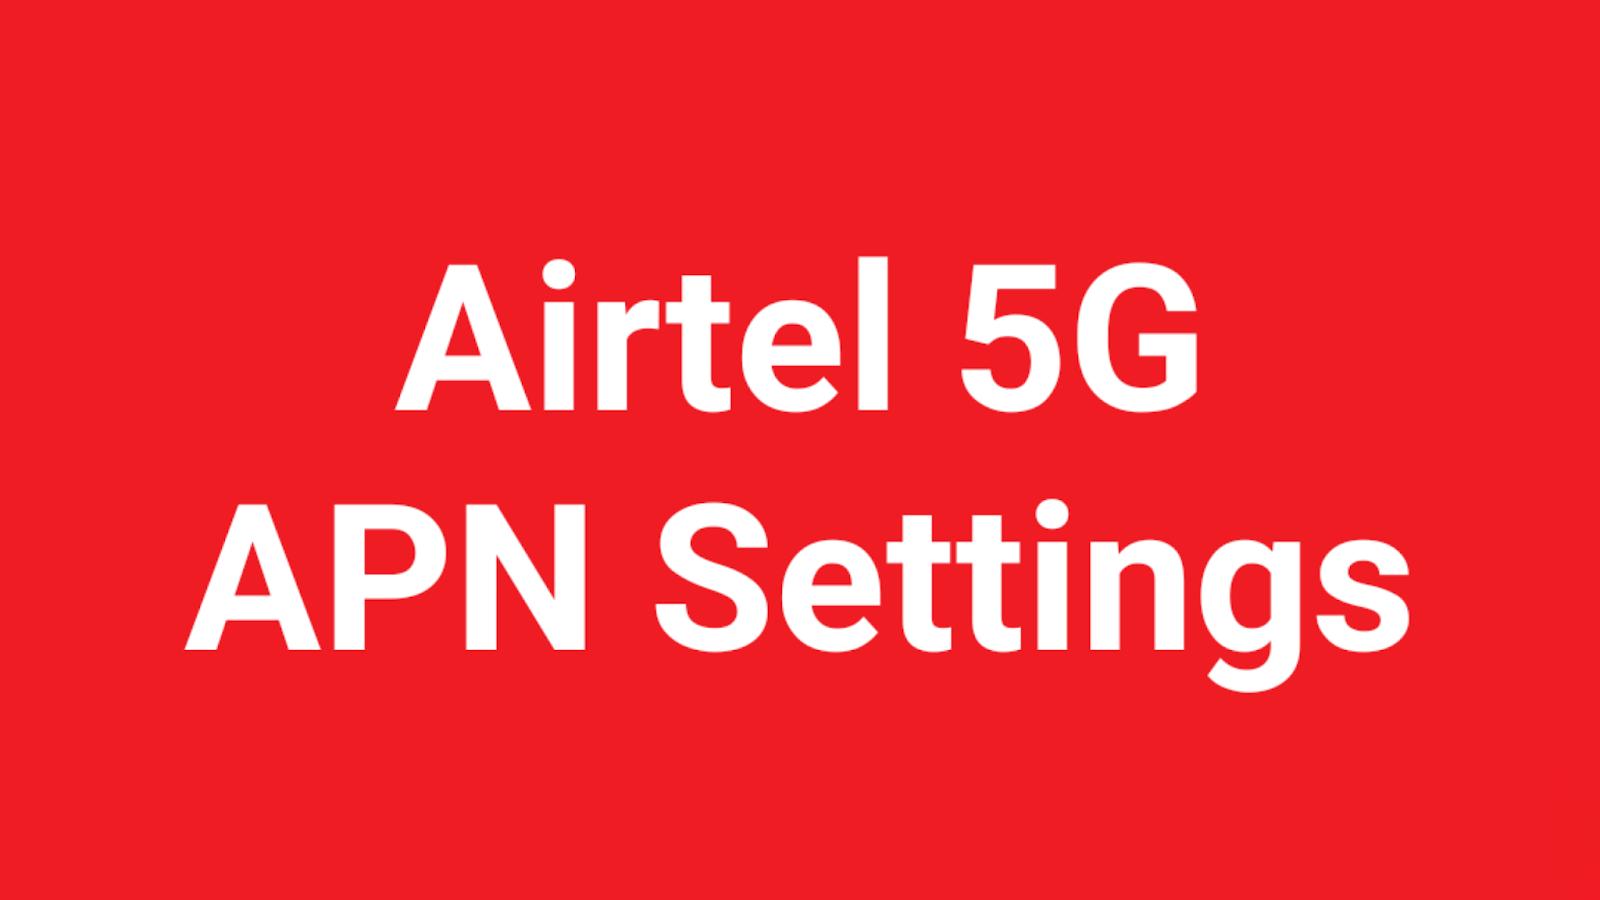 Airtel 5G APN Settings